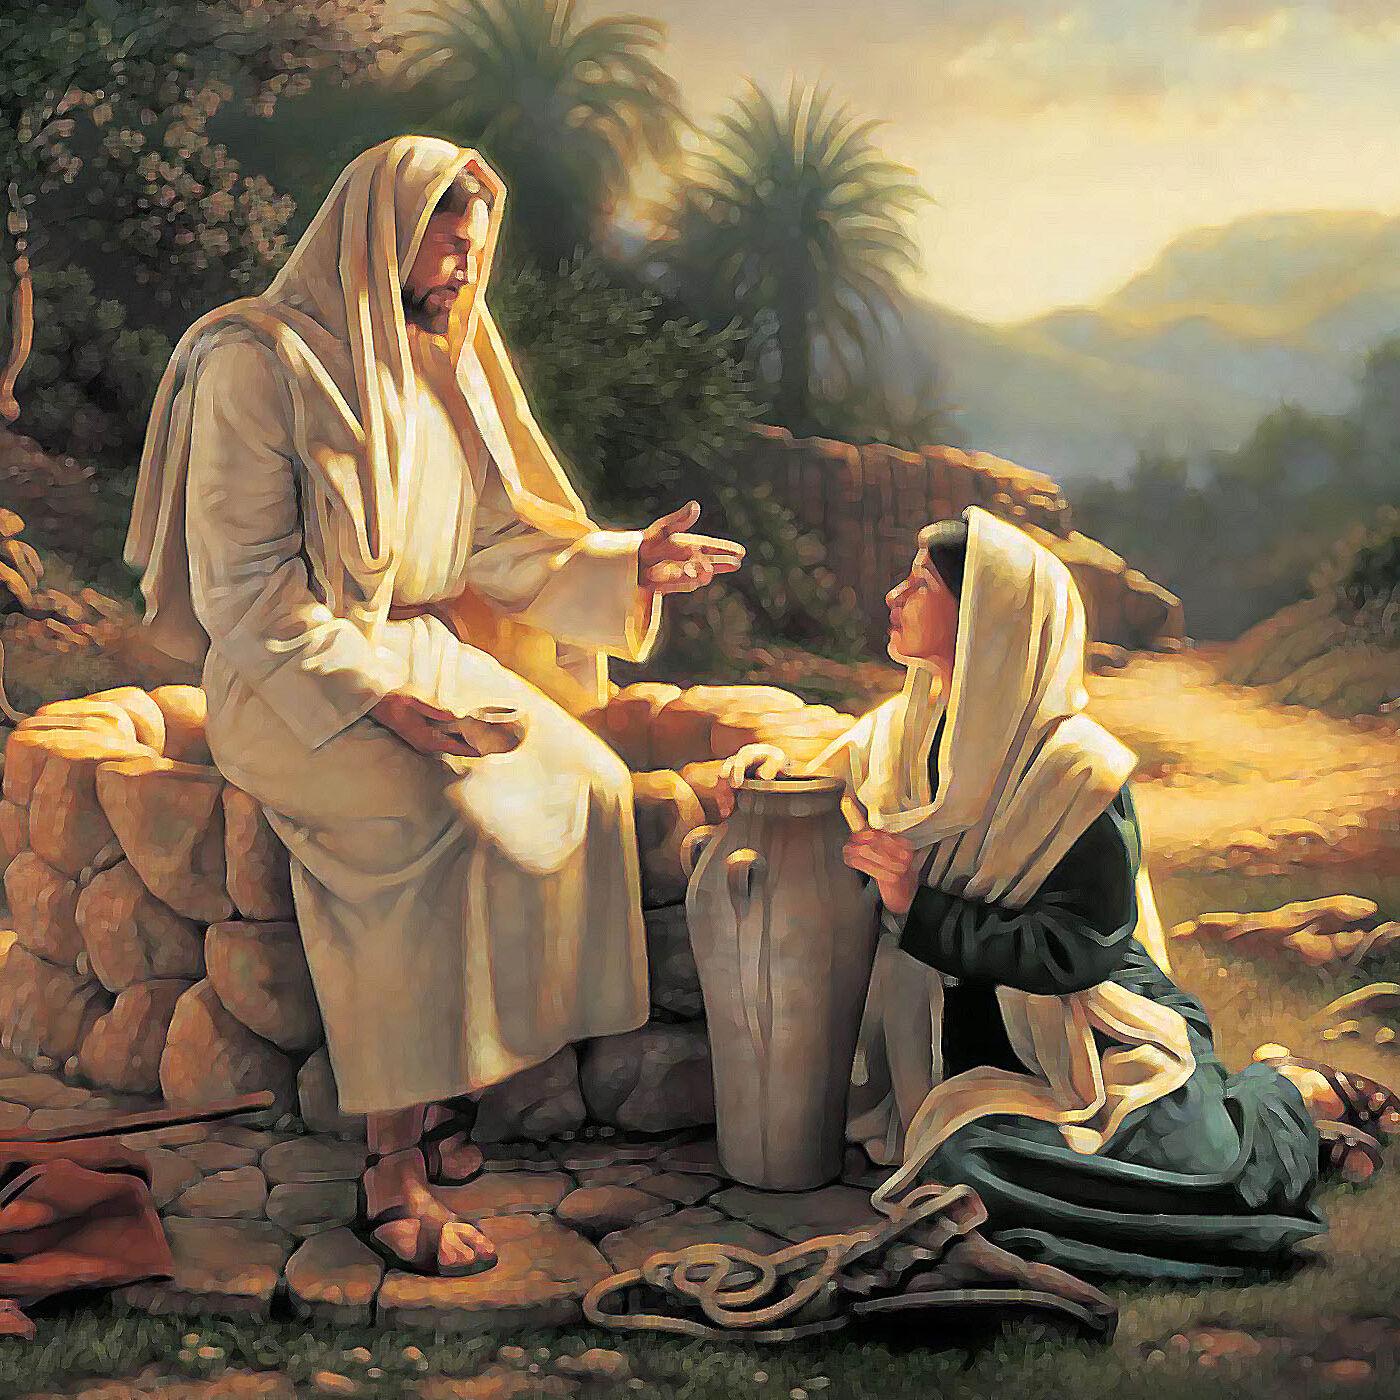 riflessioni sul Vangelo di Lunedì 30 Novembre 2020 (Mt 4, 18-22)